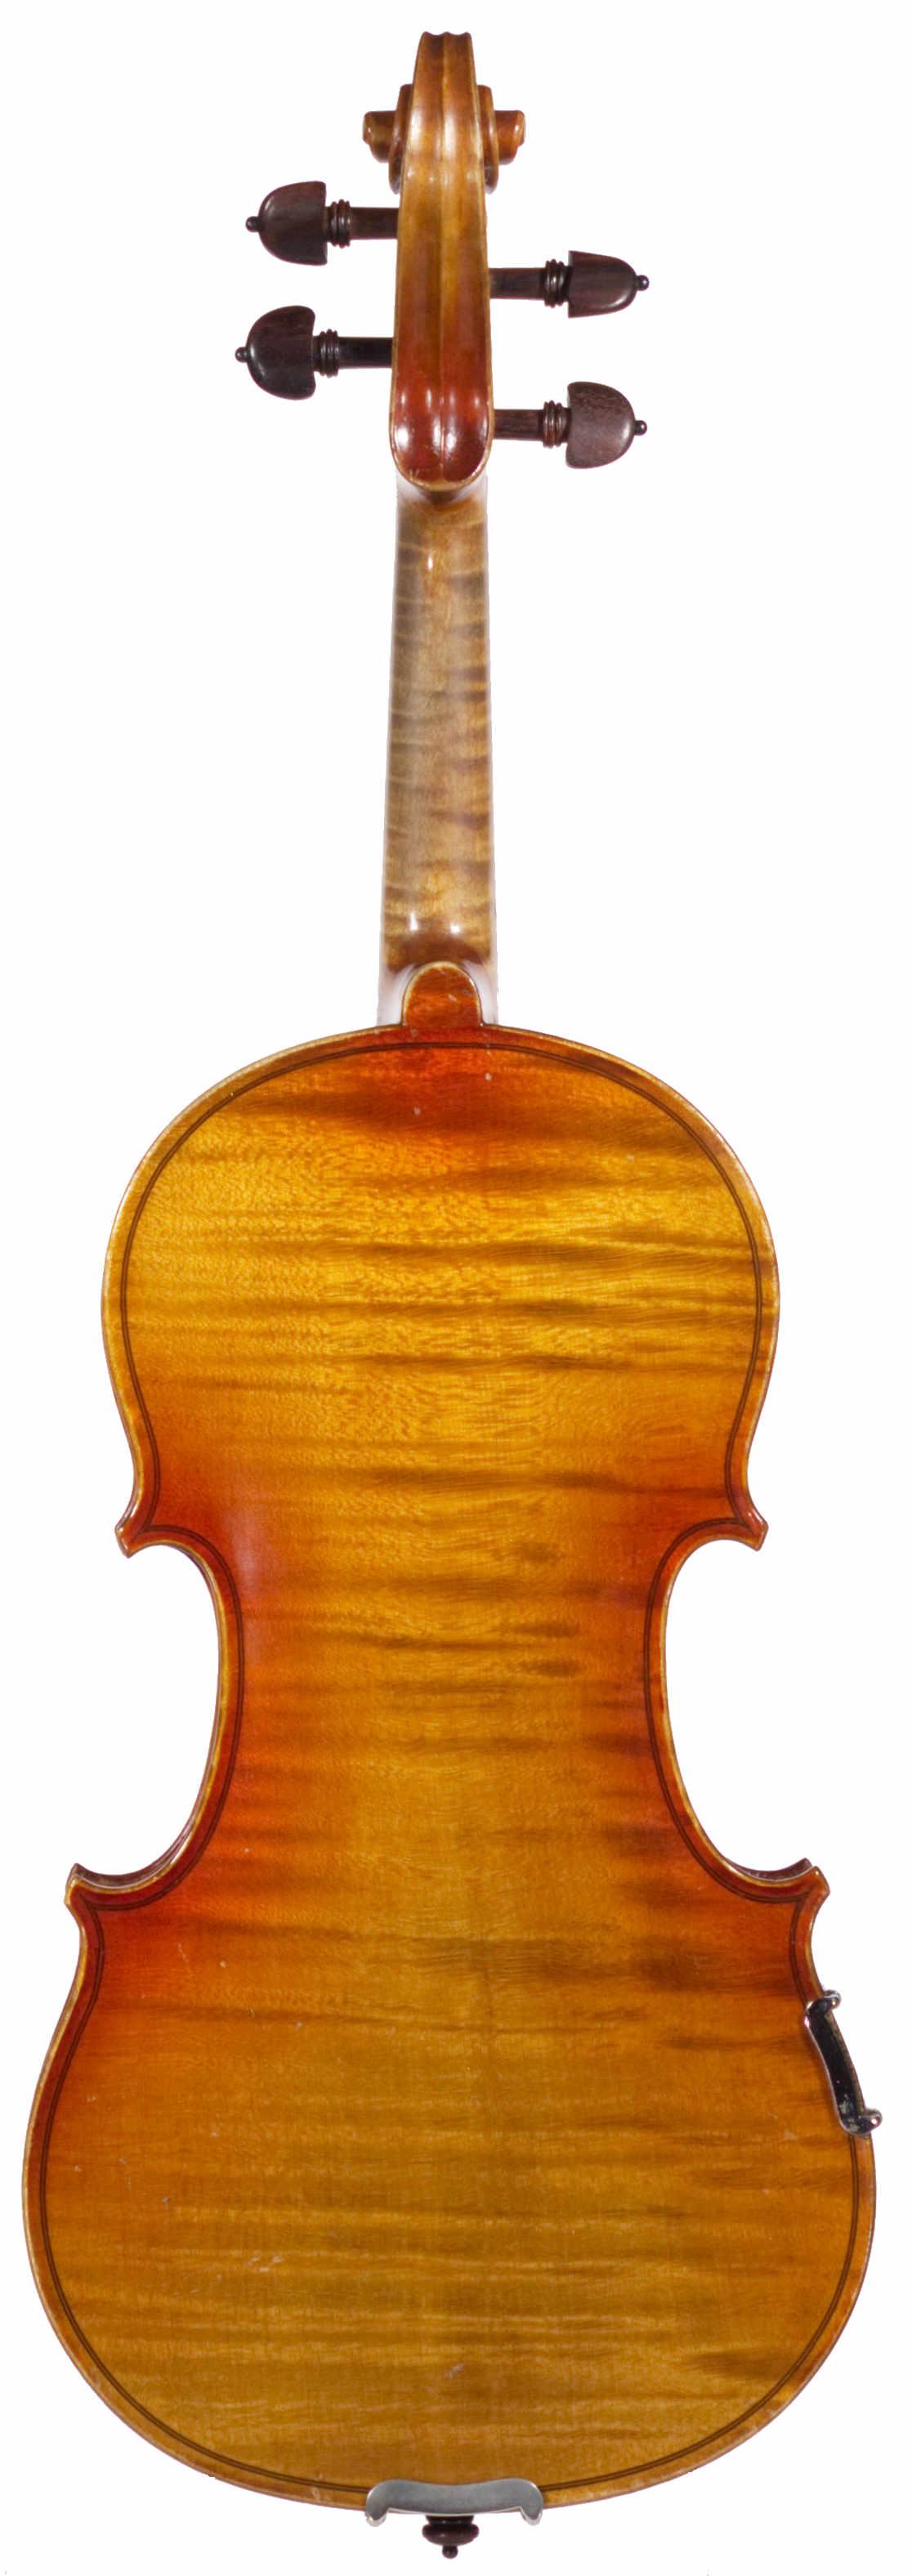 Duchon violin